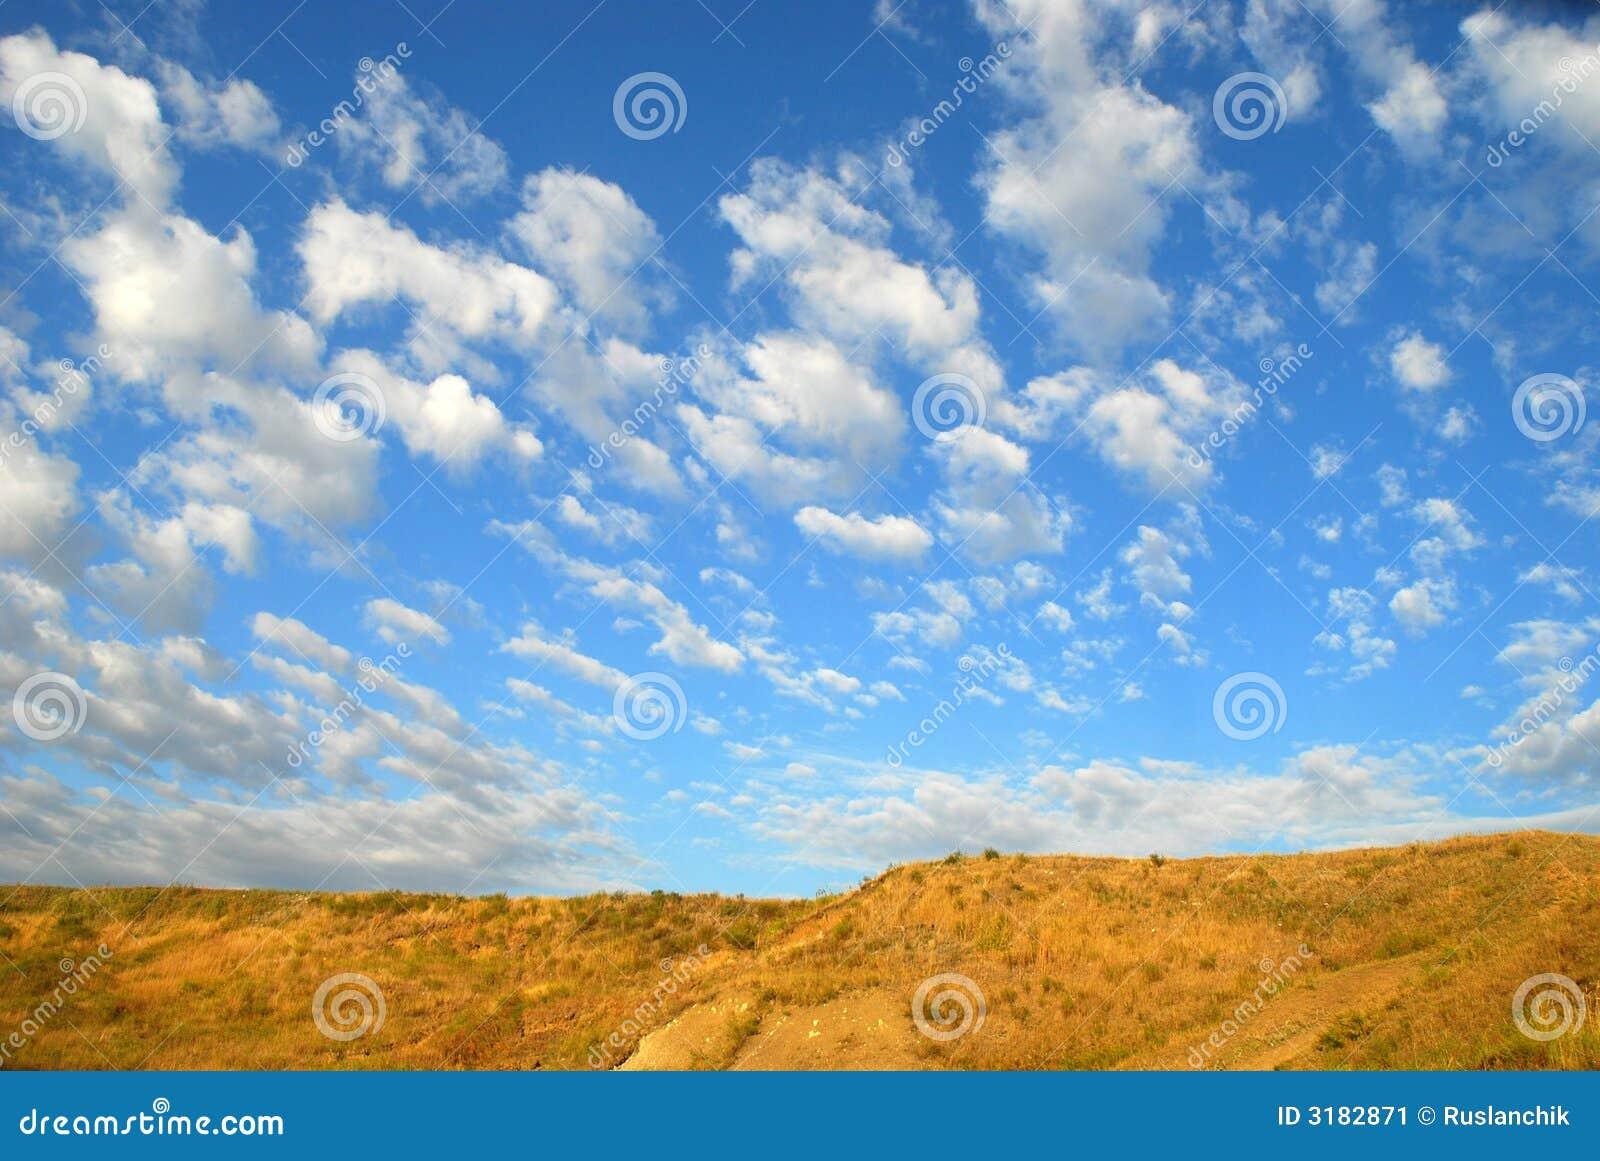 Deserto e céu azul